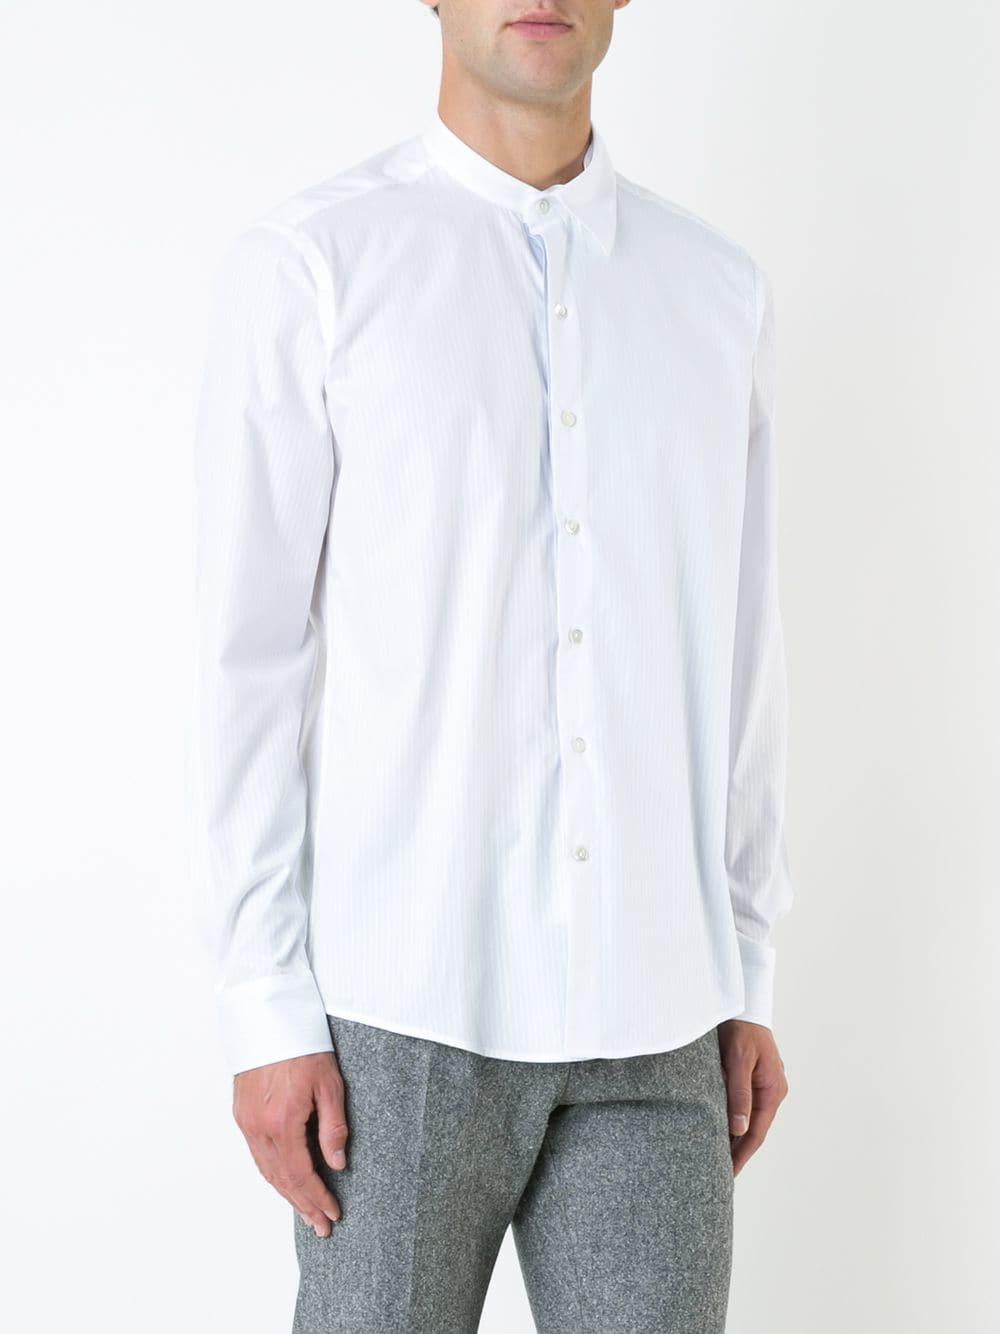 7ac90cdf81 Casely-hayford camisa con cuello mao - blanco